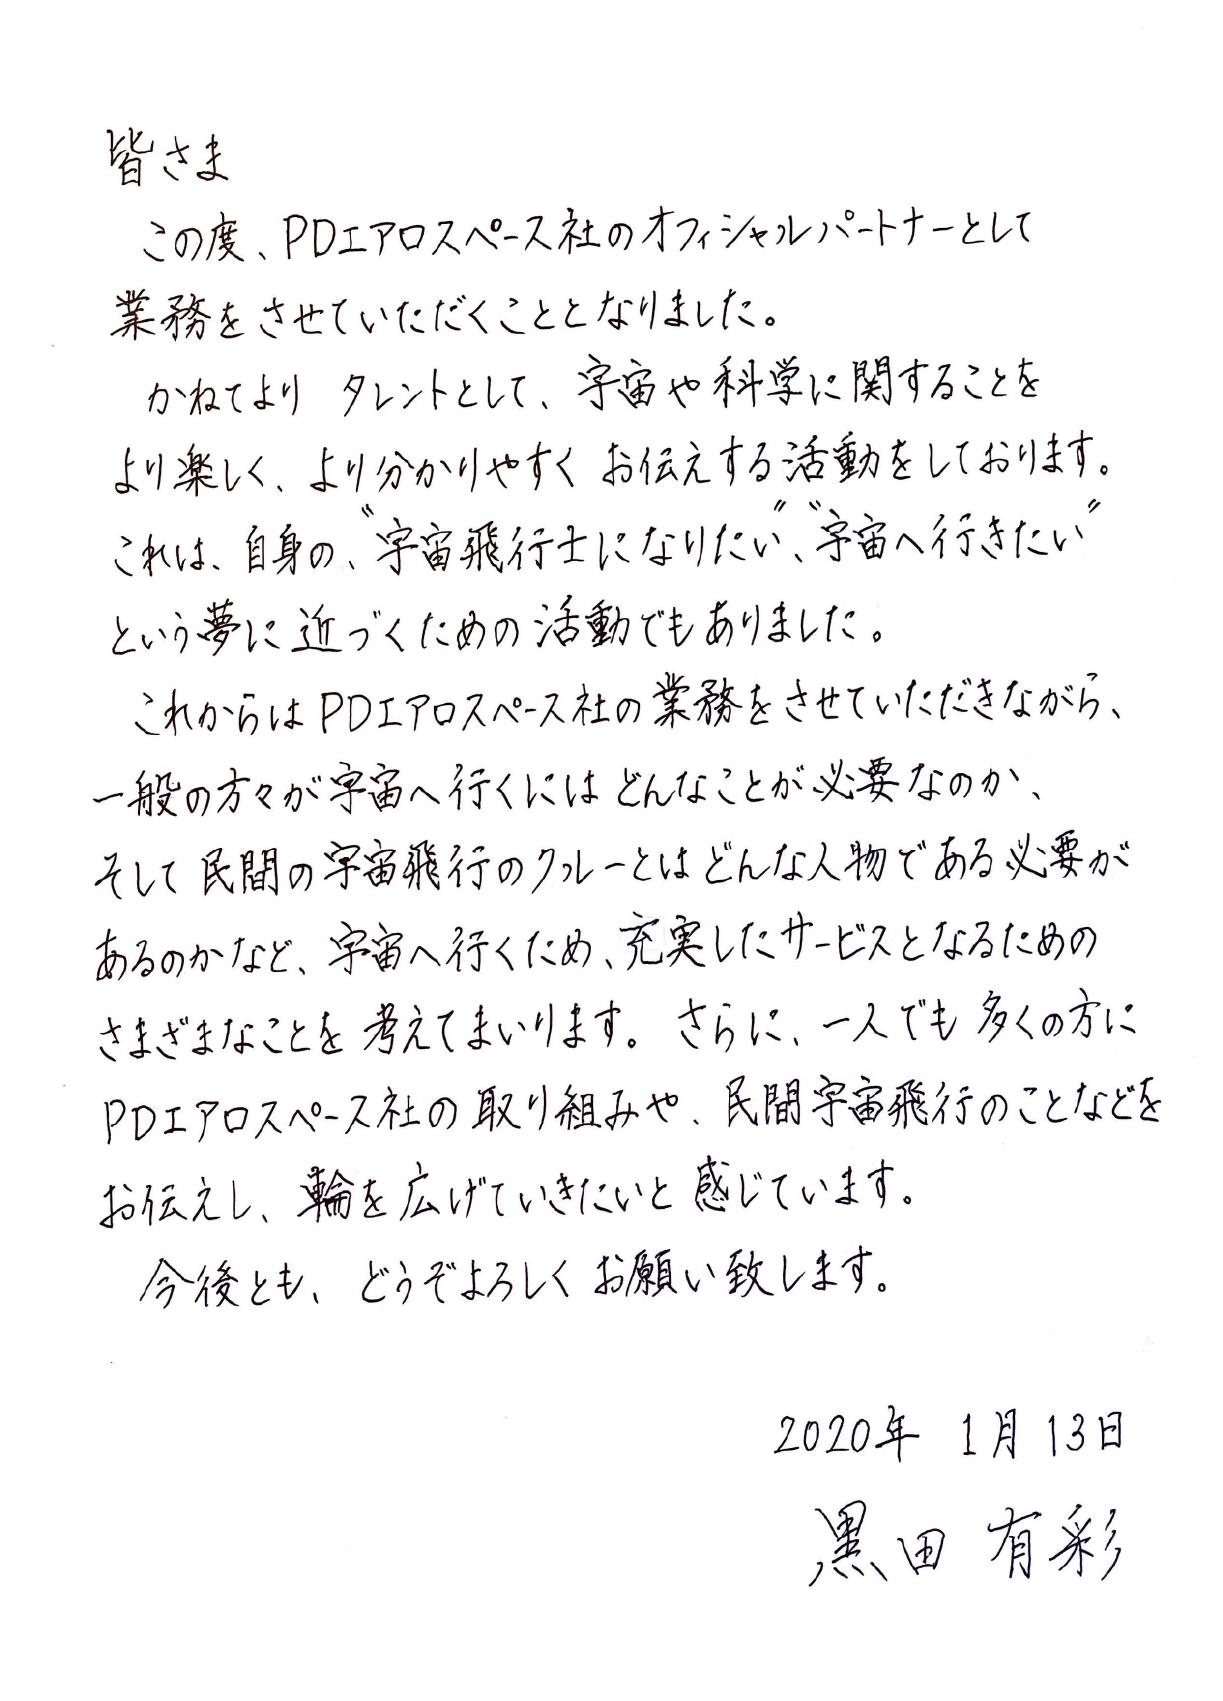 タレント 黒田有彩さん オフィシャルパートナー採用のお知らせ|新着 ...